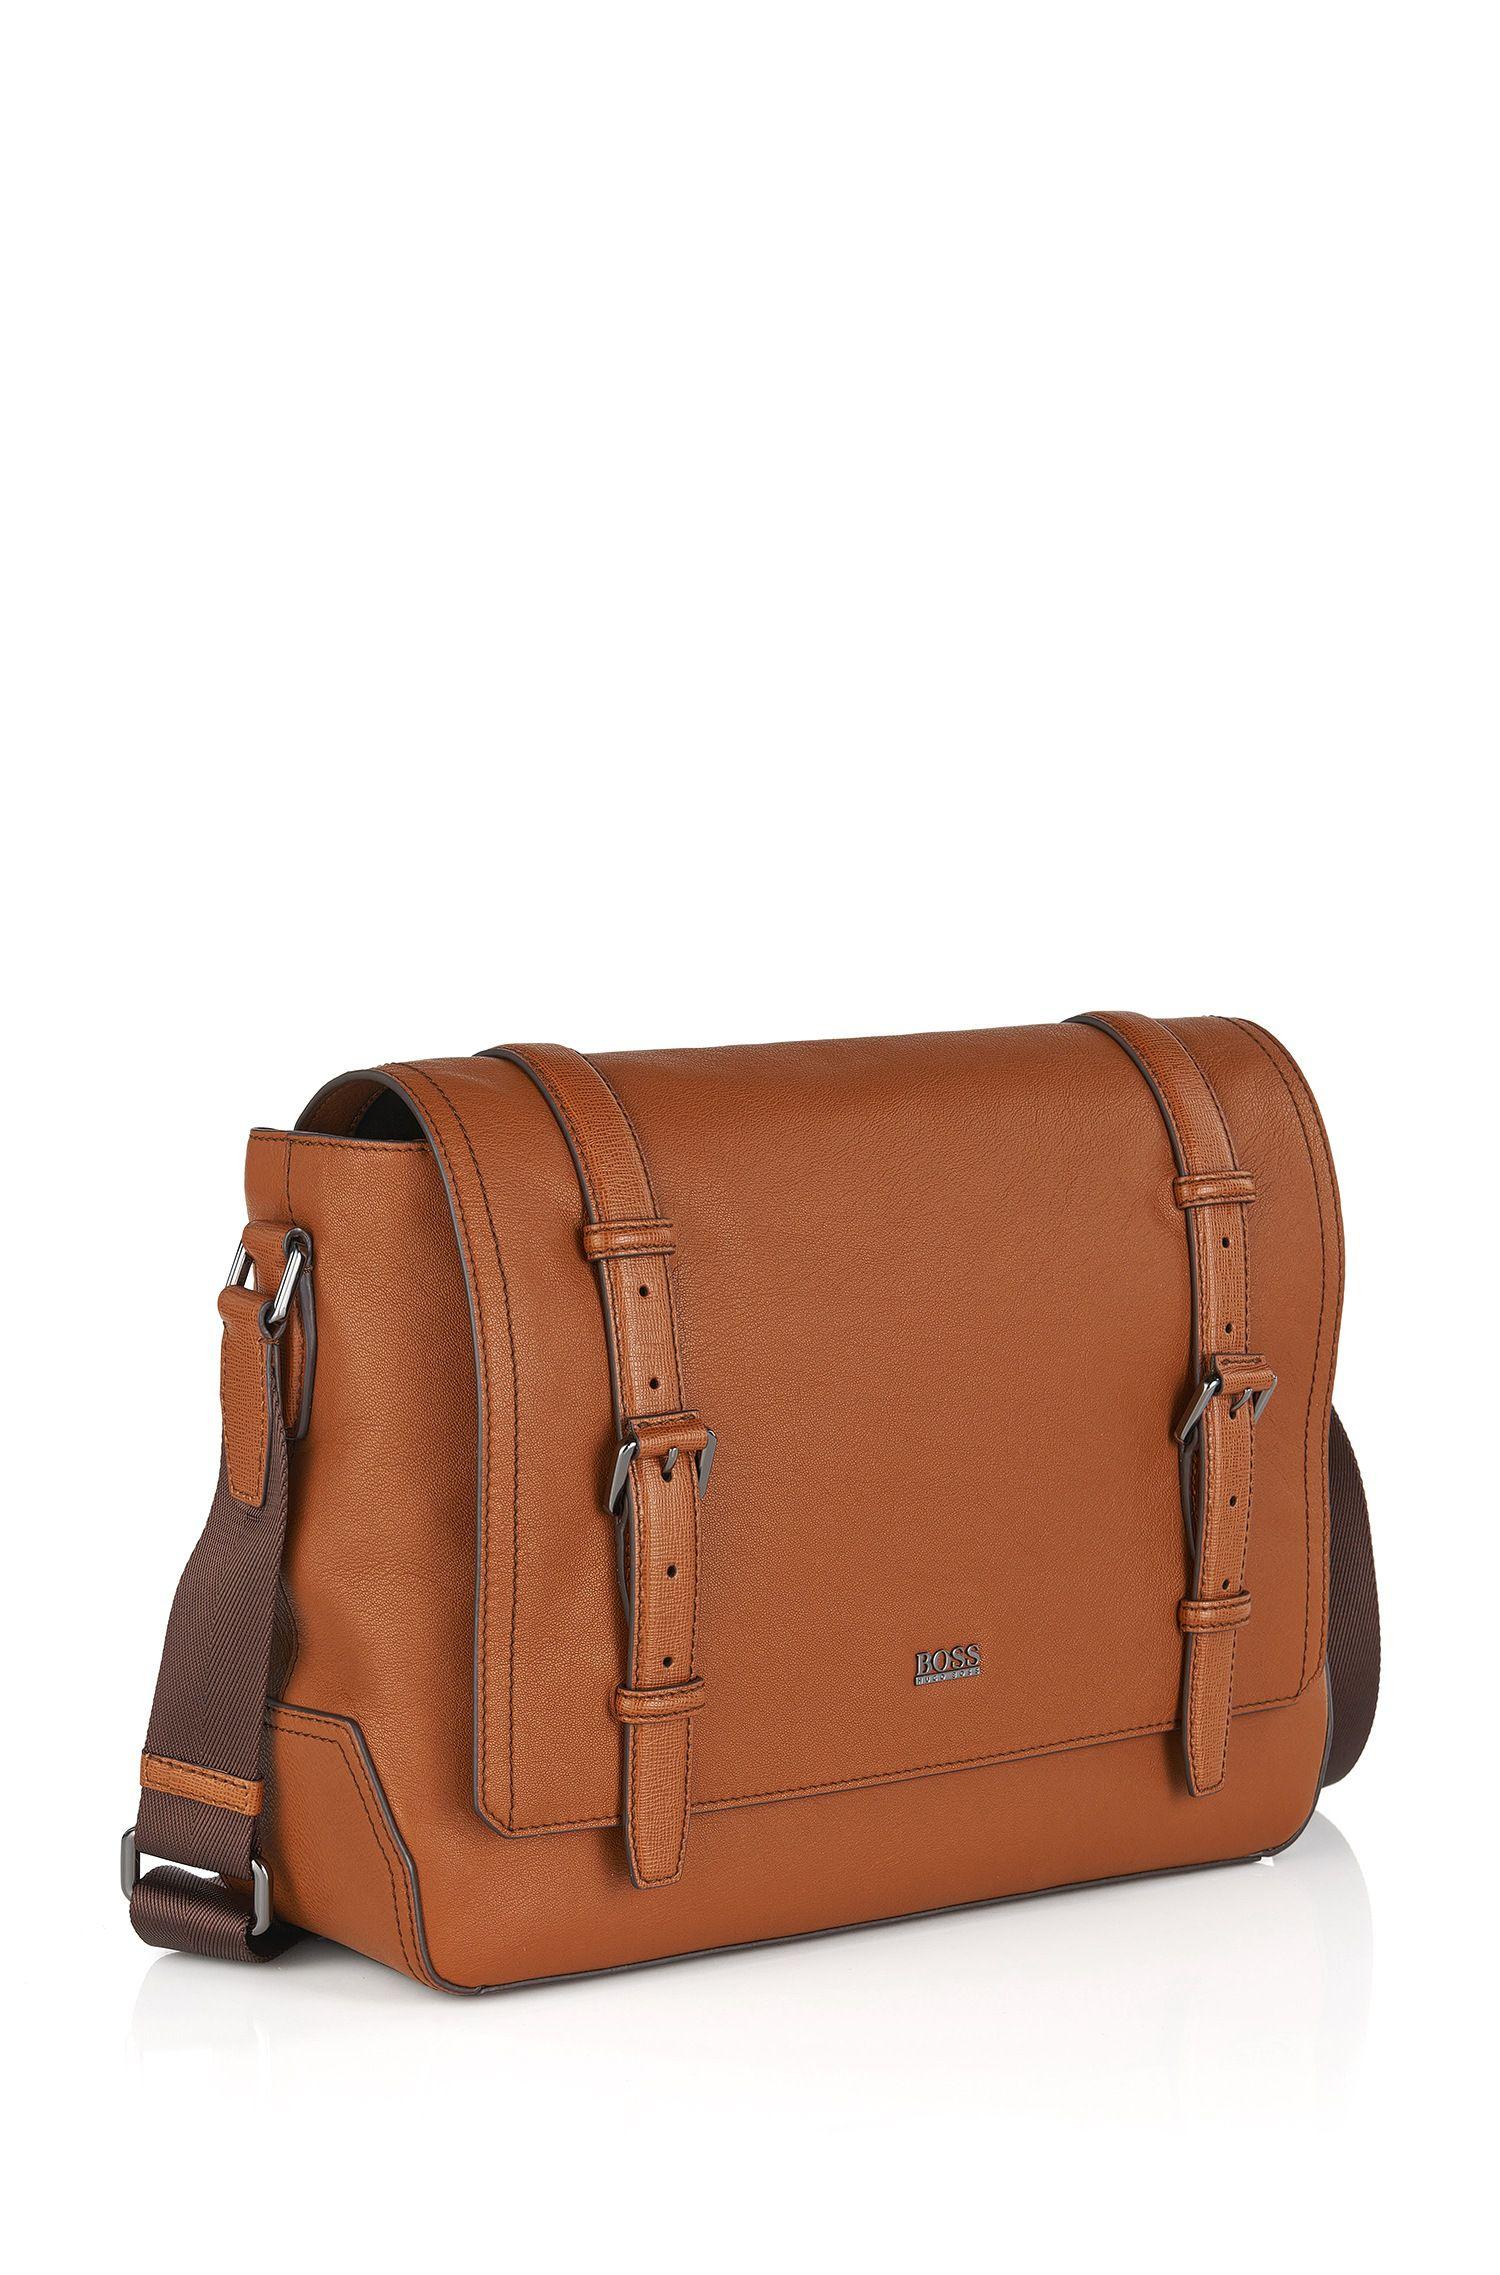 'Mauno' | Leather Work Bag, Adjustable Shoulder Strap